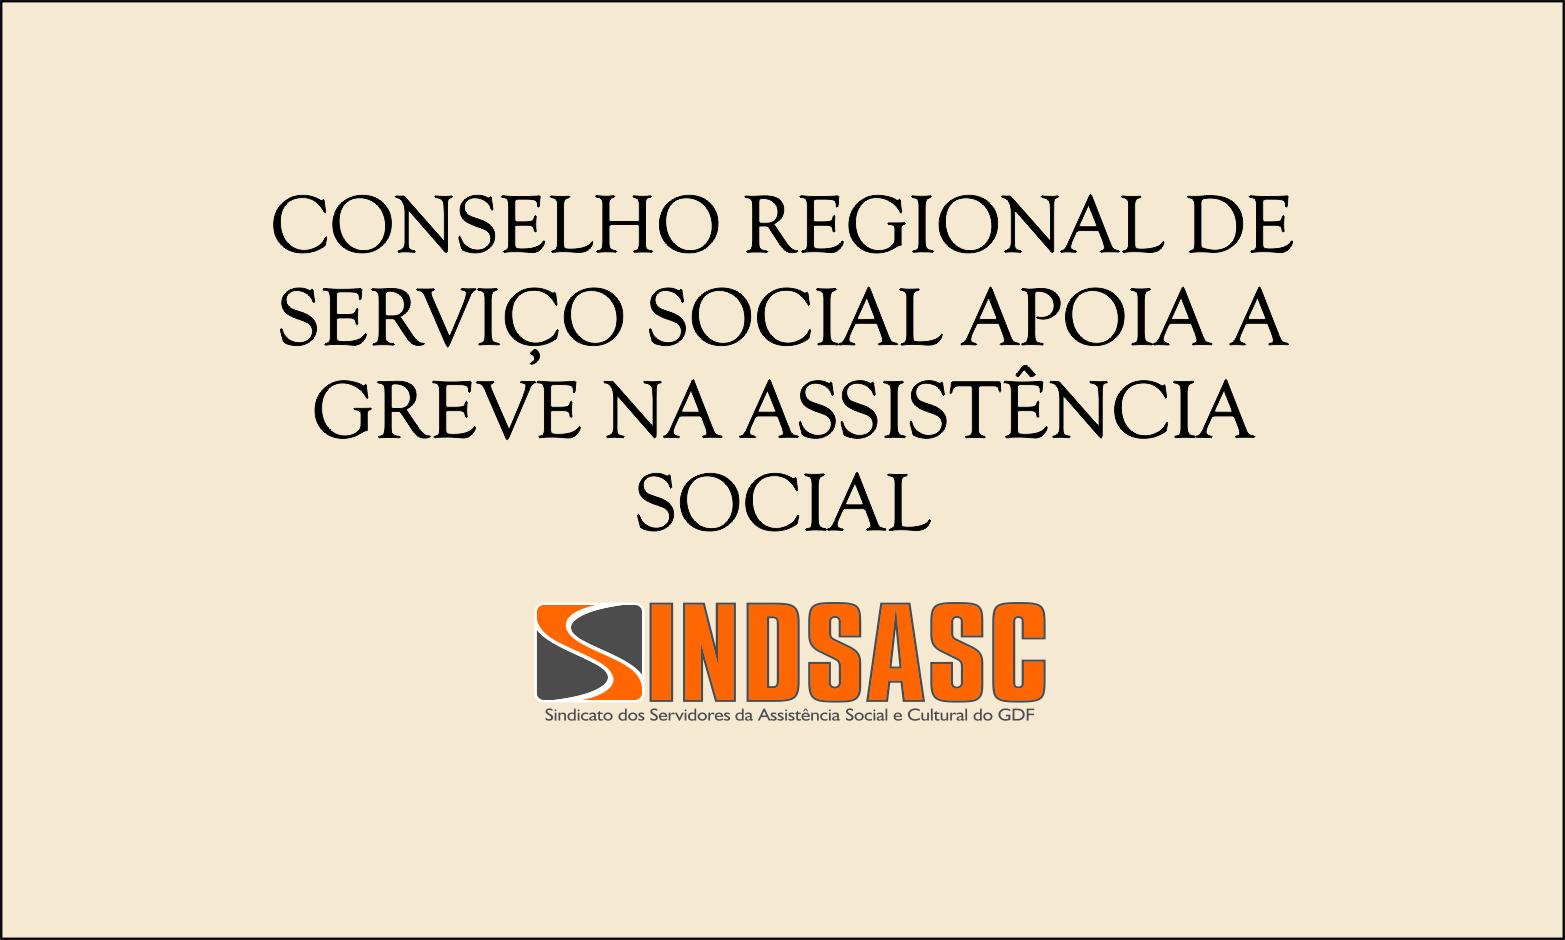 CONSELHO REGIONAL DE SERVIÇO SOCIAL APOIA A GREVE NA ASSISTÊNCIA SOCIAL